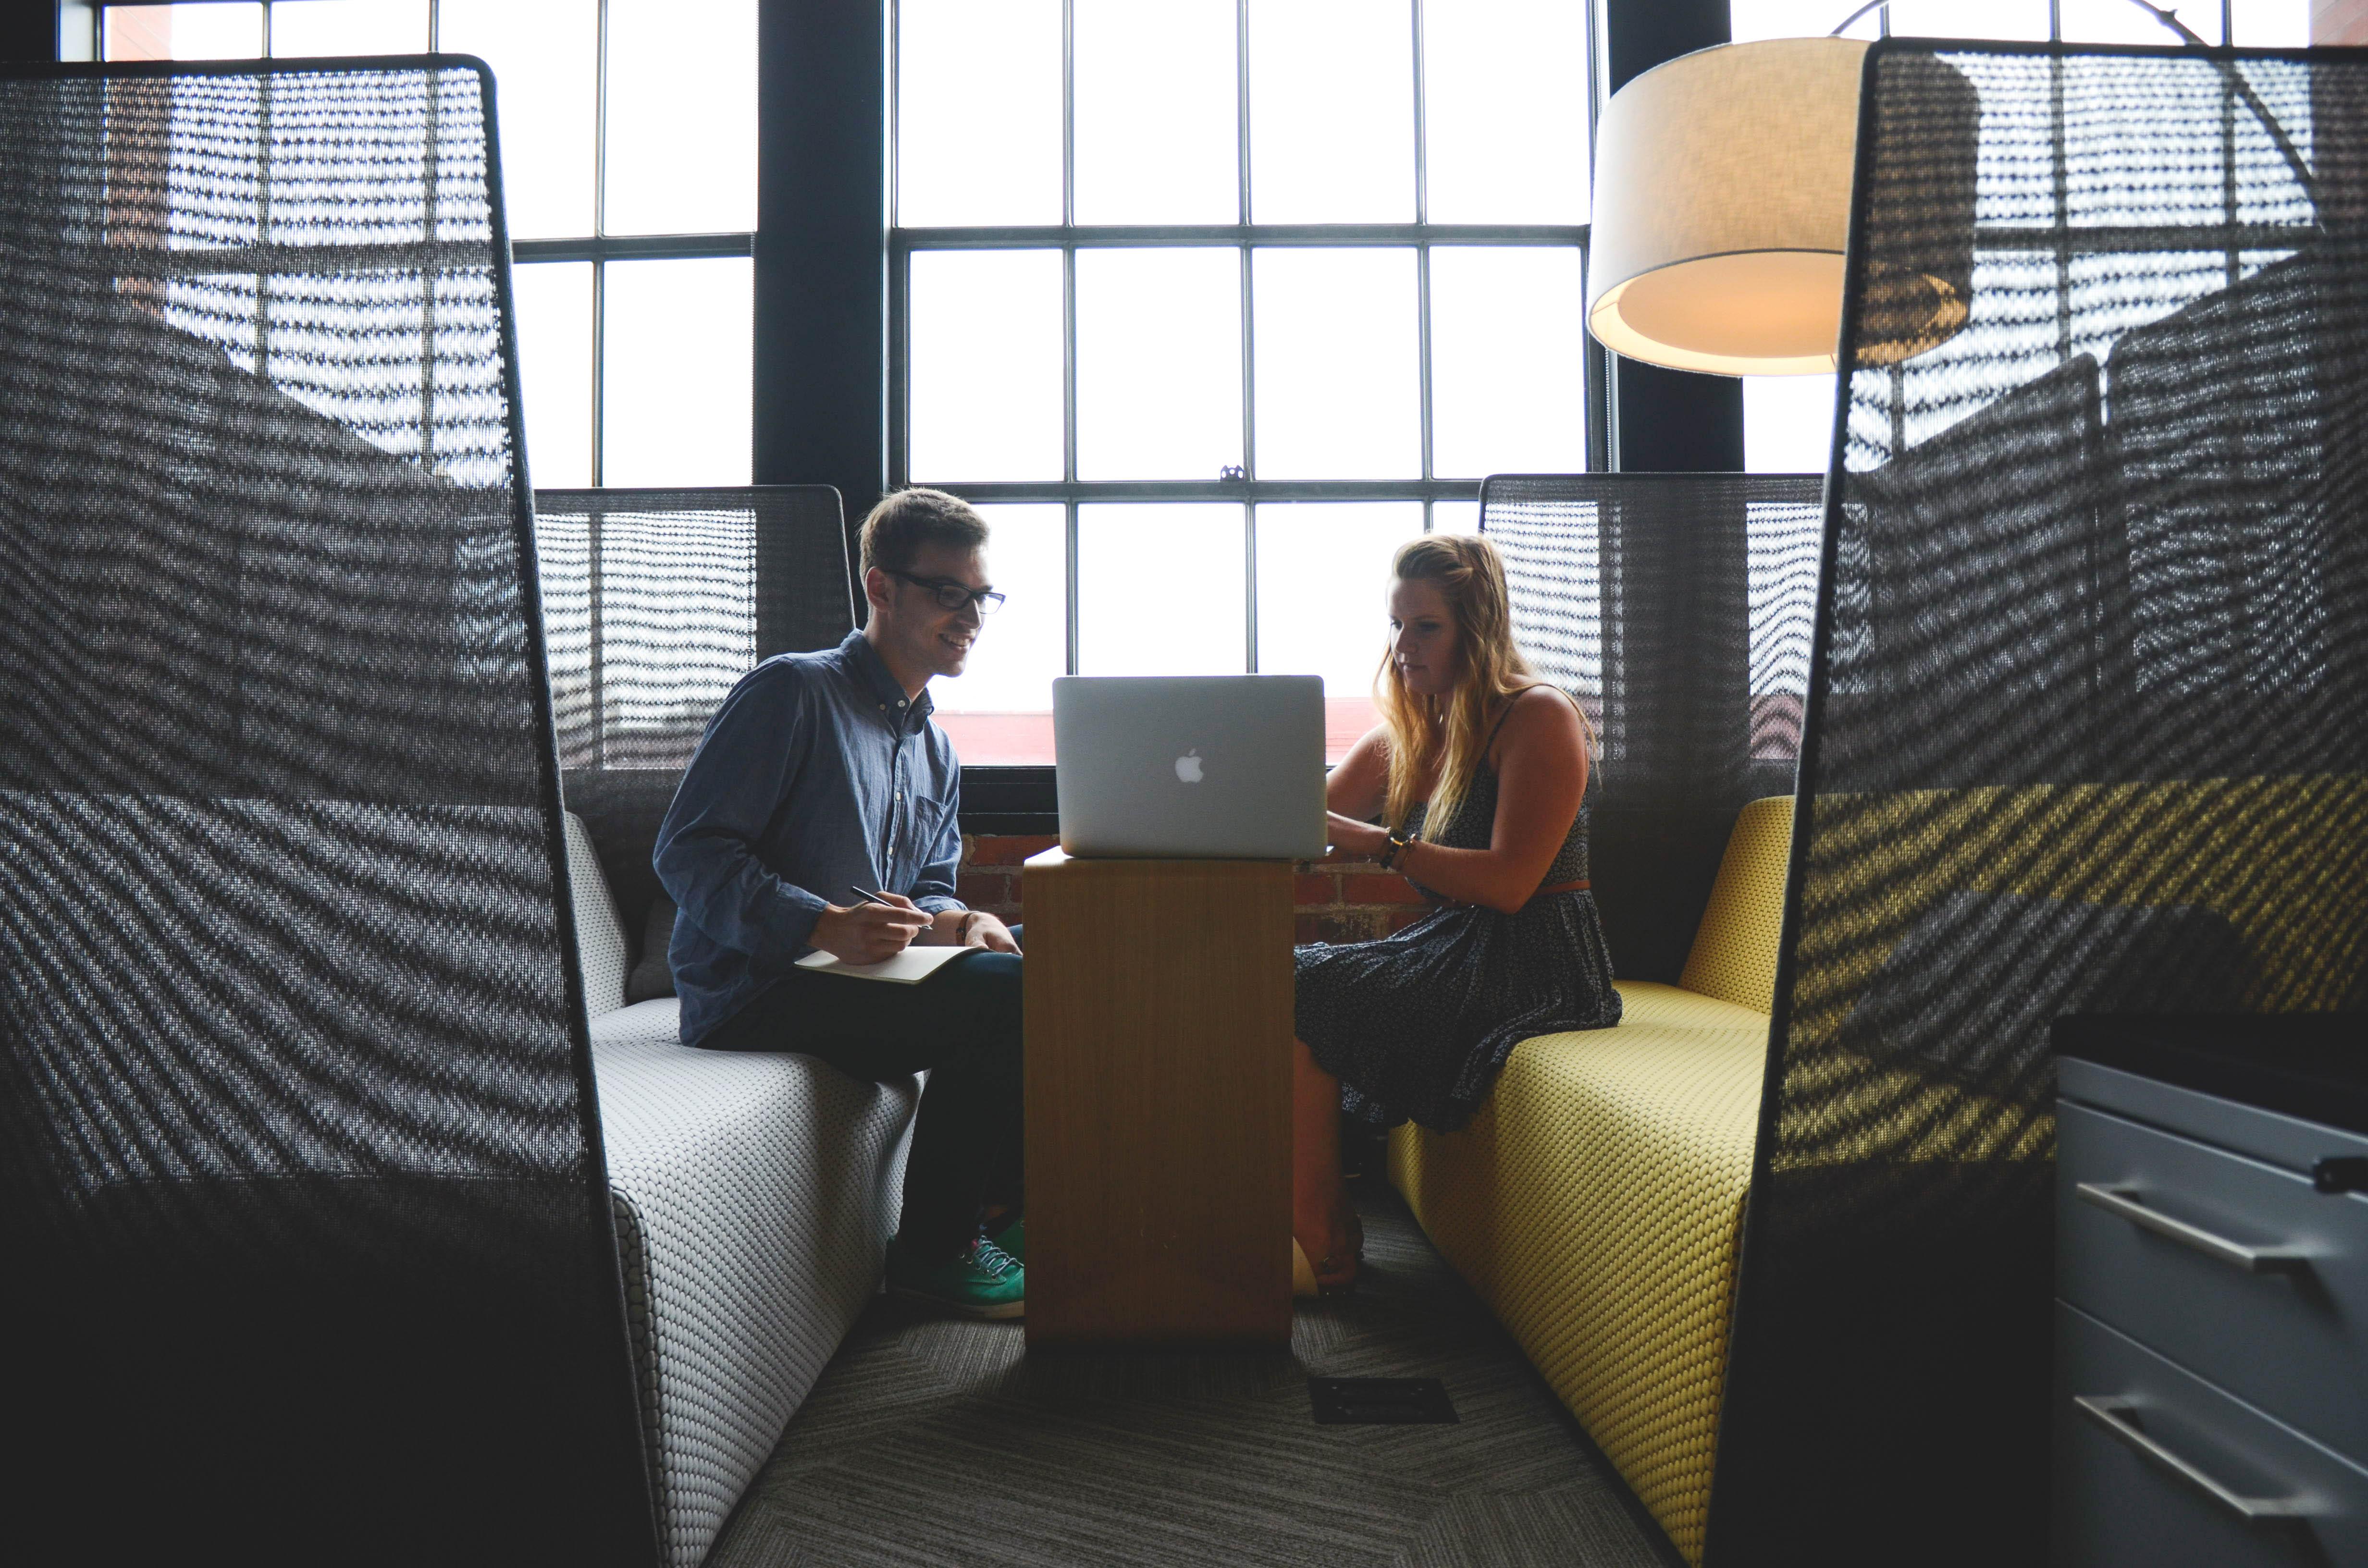 müşteri ile iletişime önem vermek